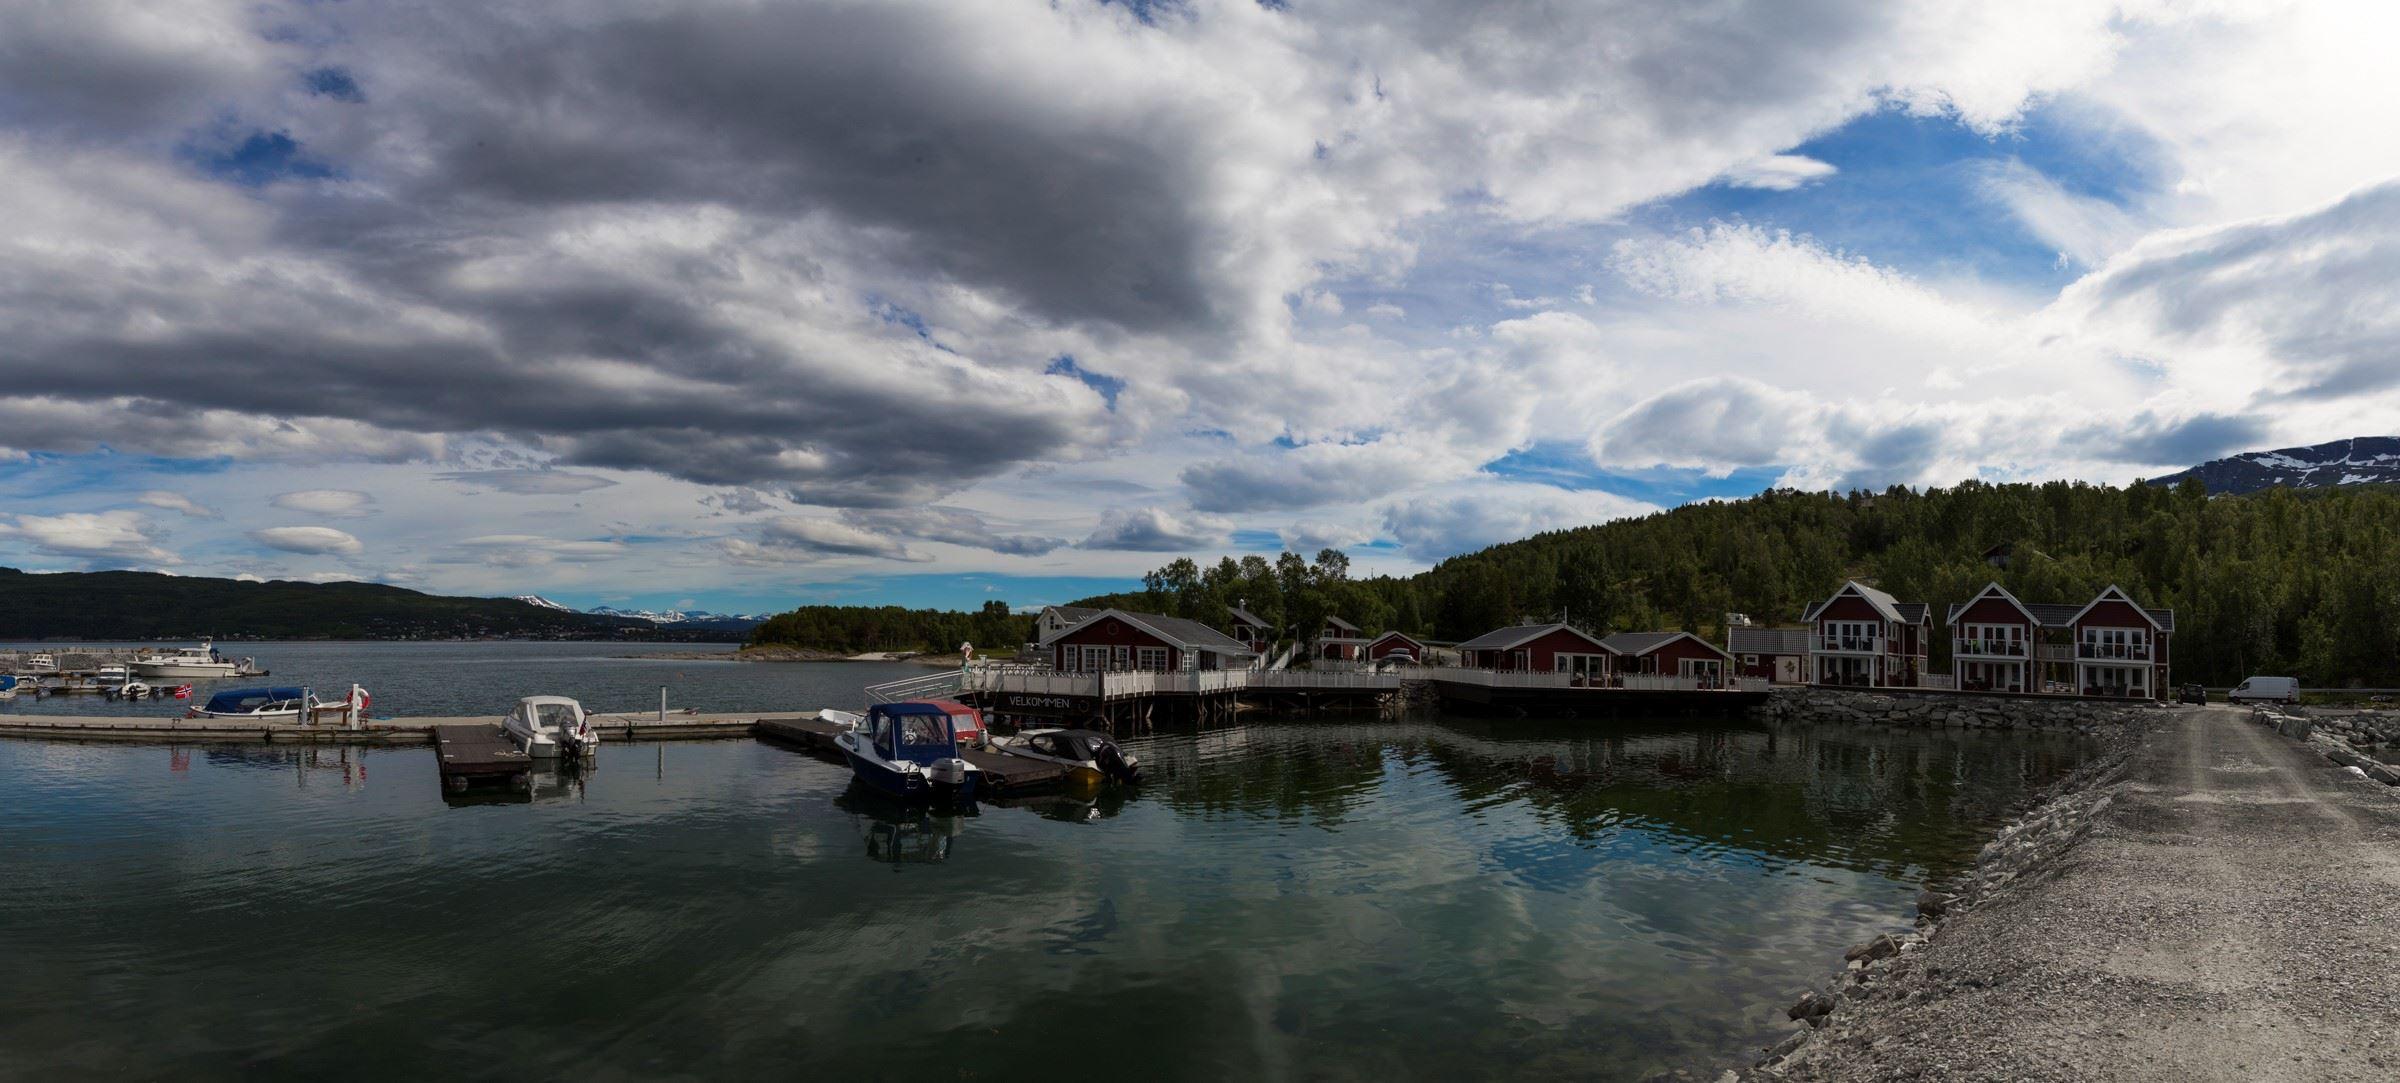 Hans Sverre Woll,  © Hans Sverre Woll, Garsnes Brygge småbåthavn